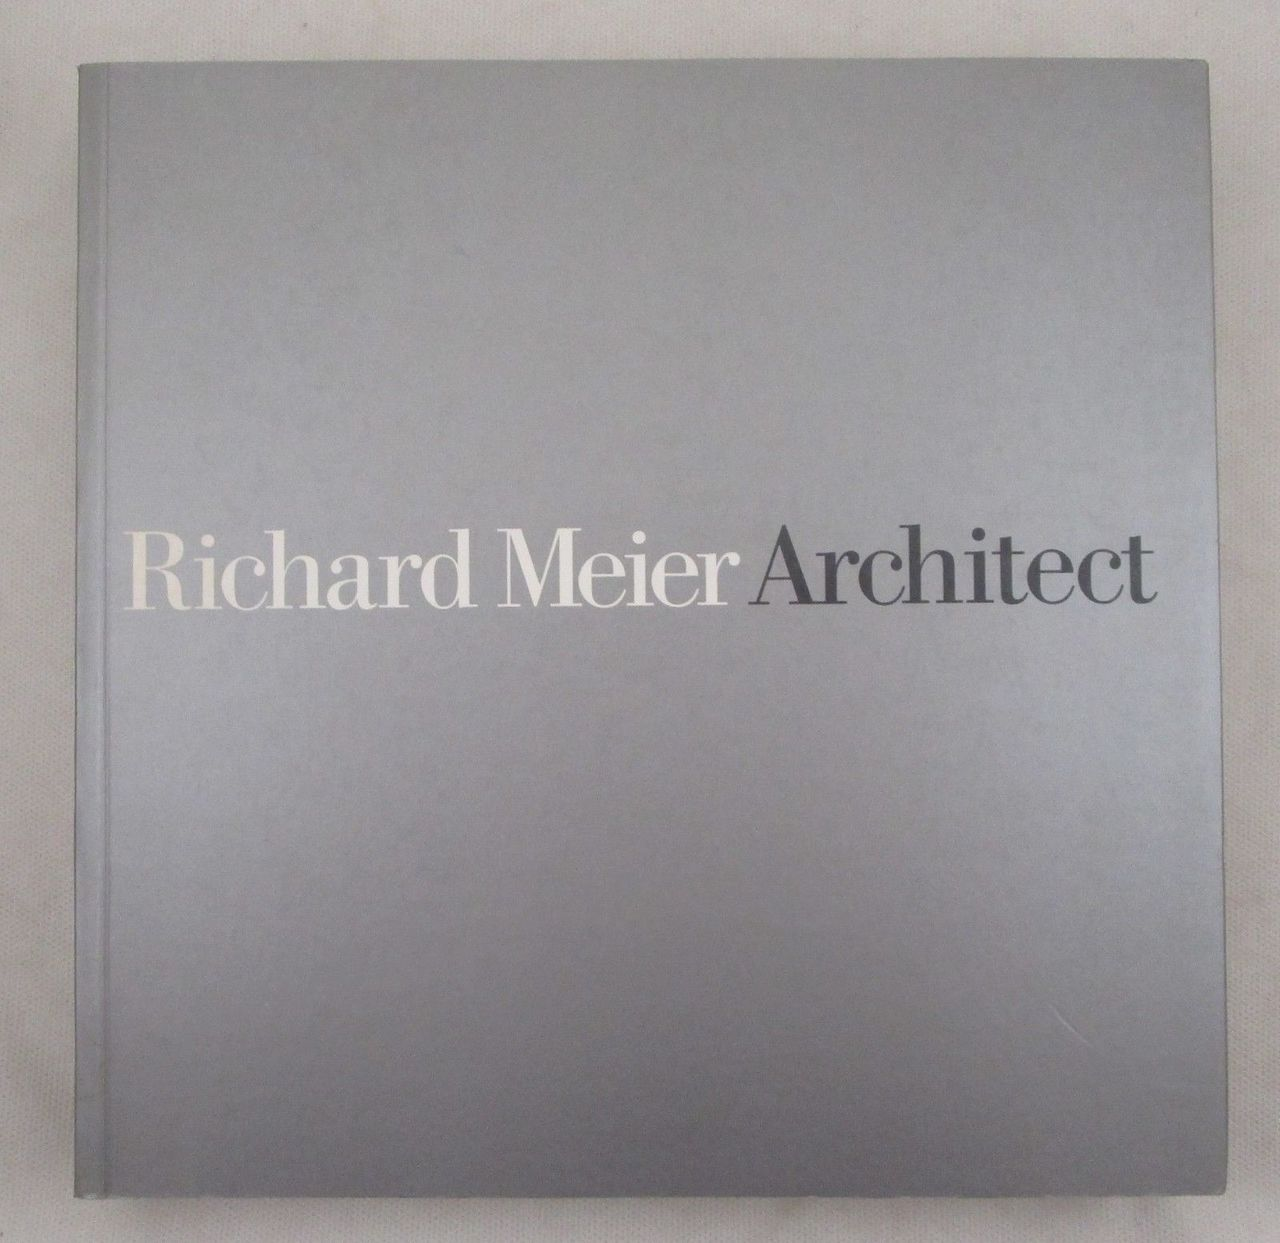 RICHARD MEIER: ARCHITECT, Vol 4 (2004-2004) - 2004 [SIGNED 1st Ed]